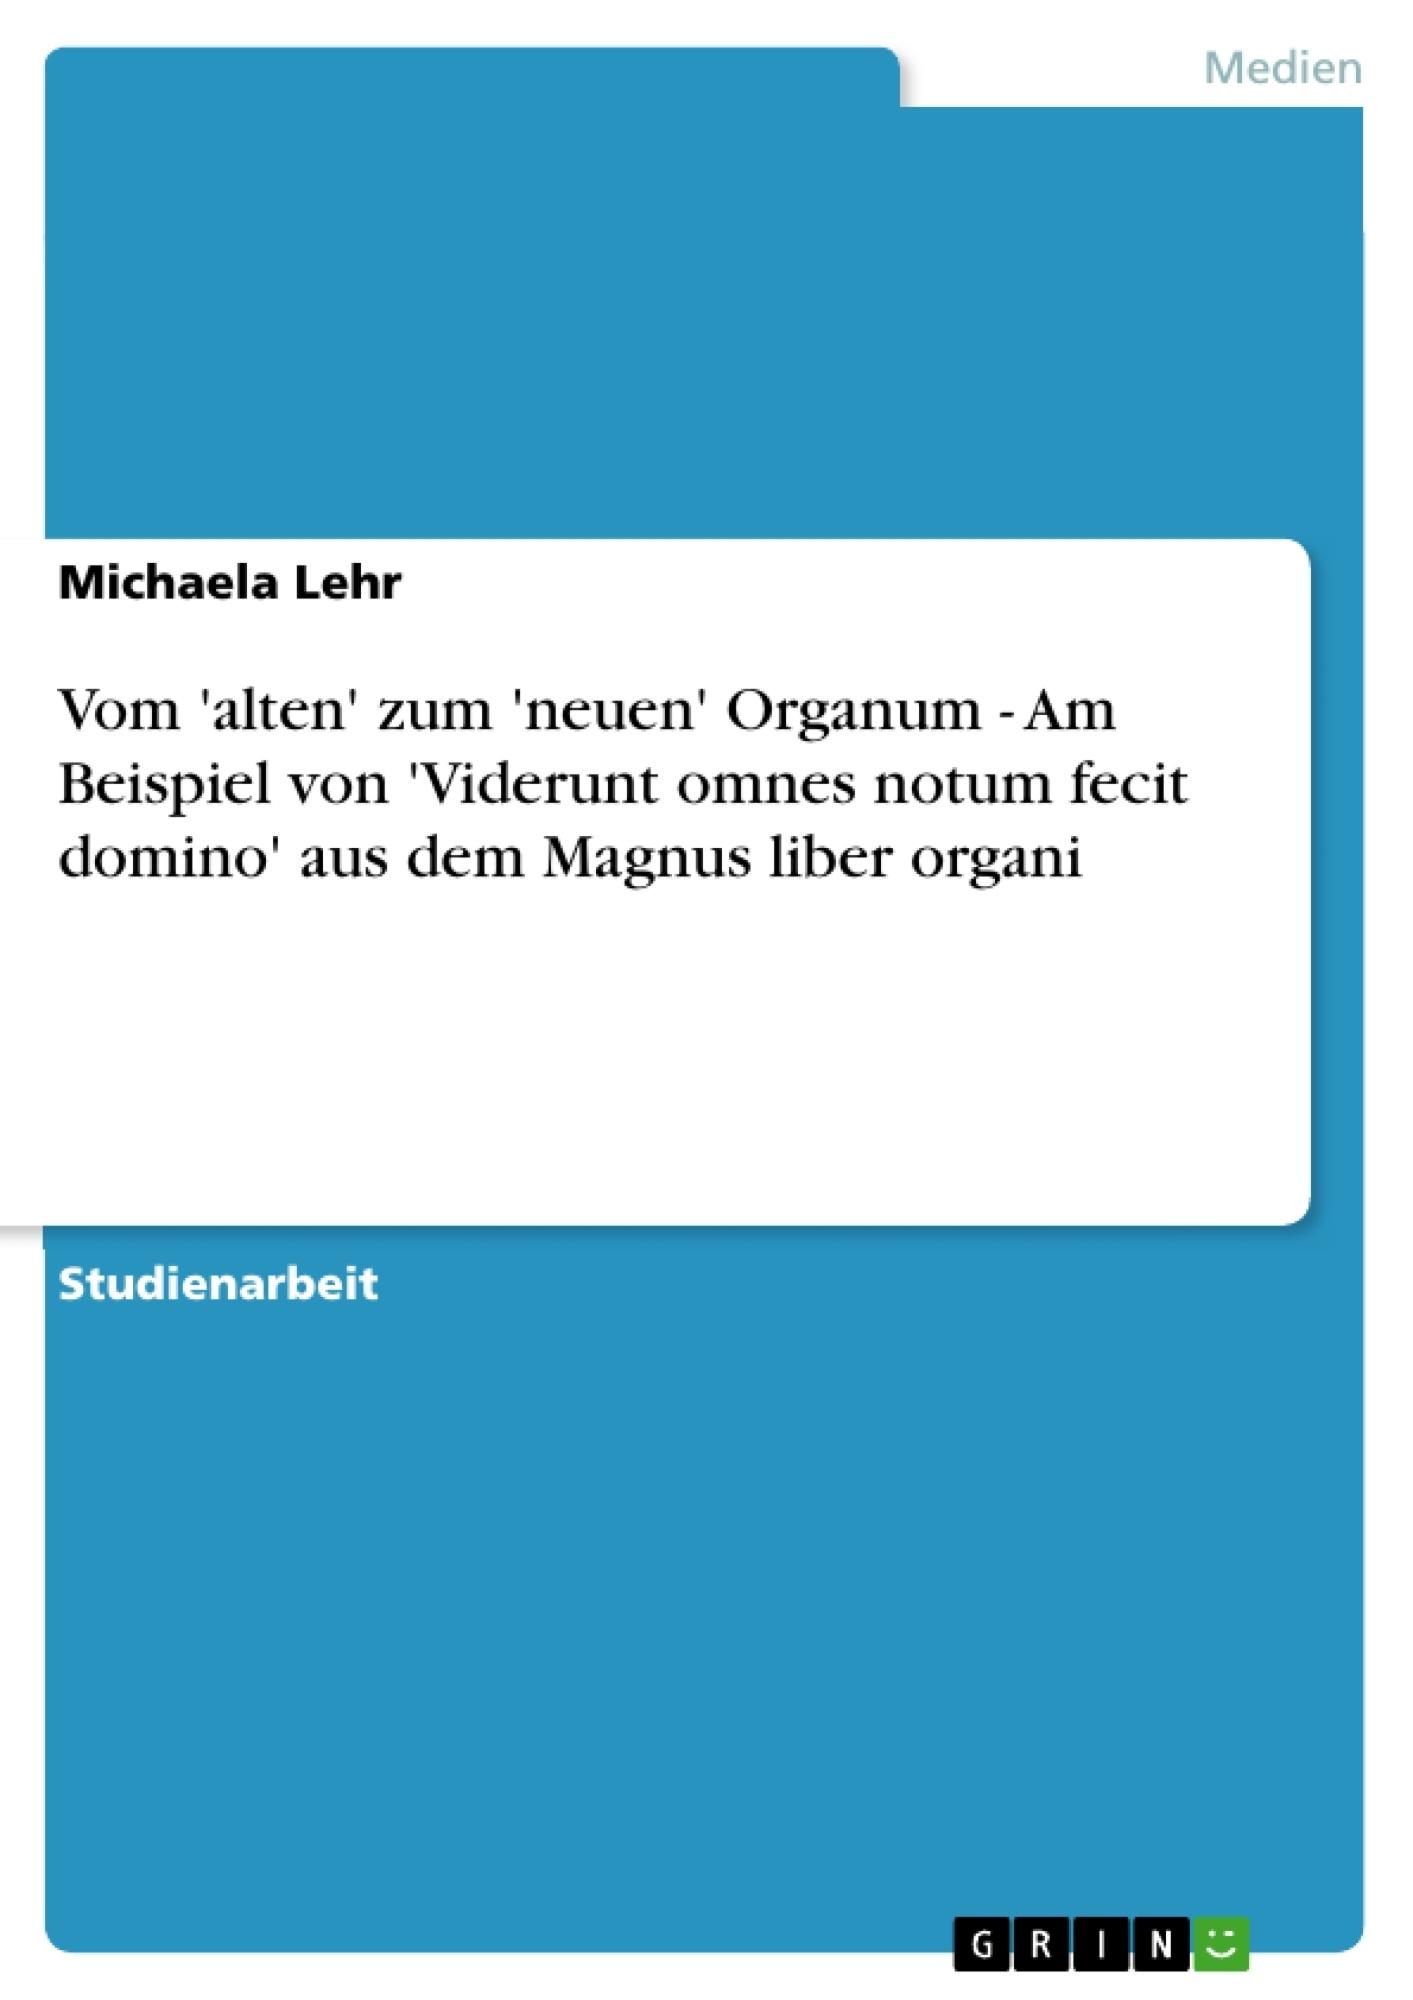 Titel: Vom 'alten' zum 'neuen' Organum - Am Beispiel von 'Viderunt omnes notum fecit domino' aus dem Magnus liber organi